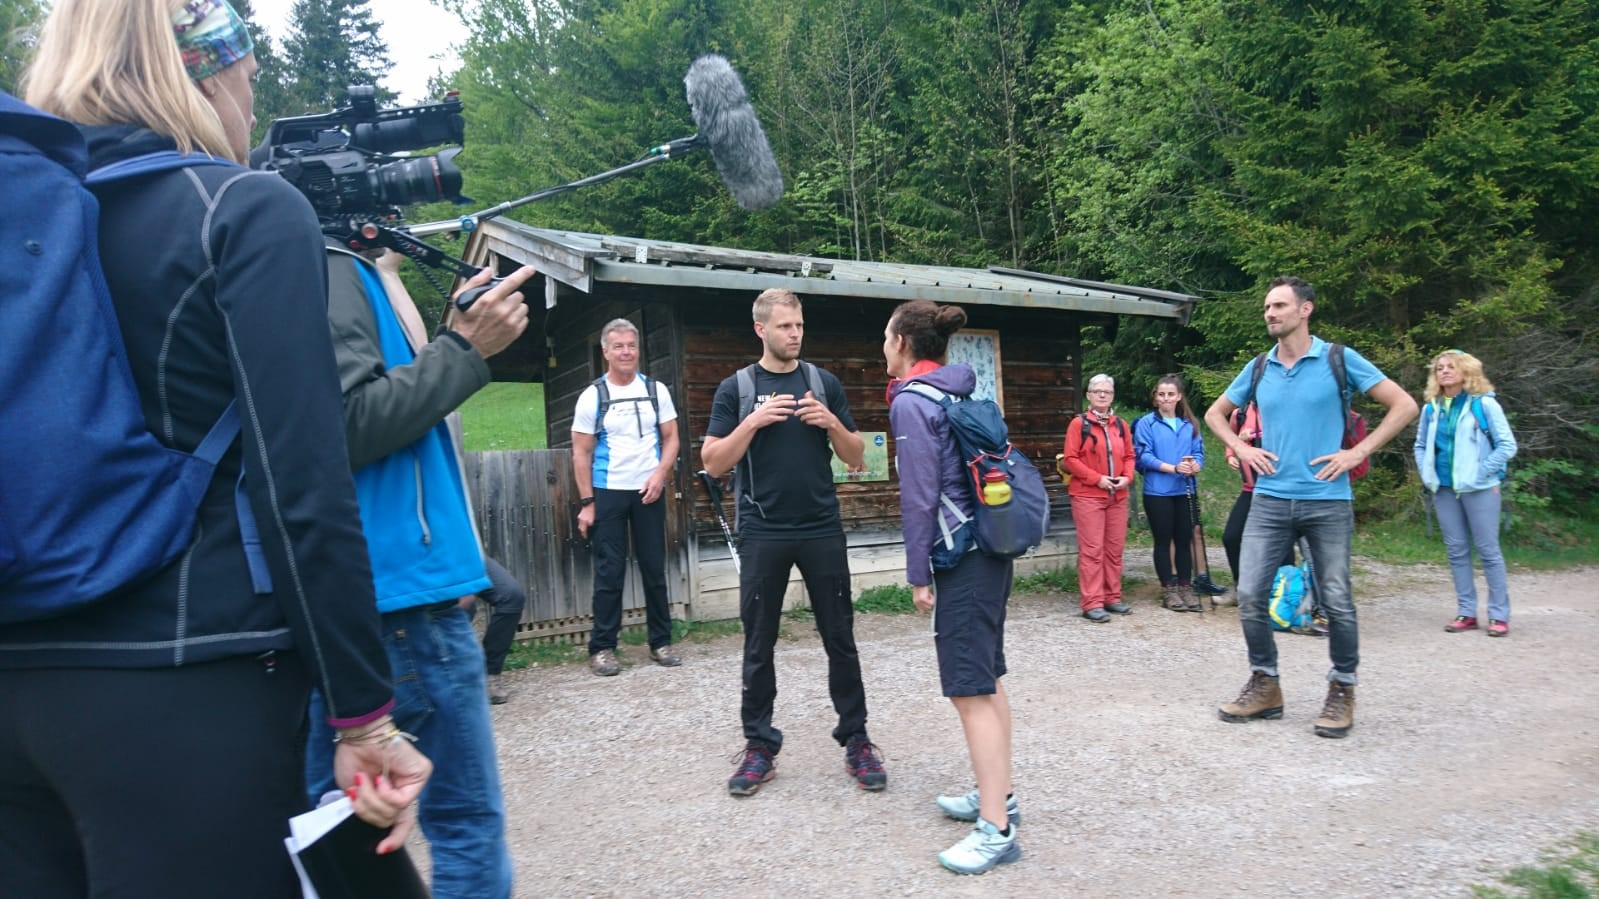 Fernseh-Team beim Interview während einer Wanderung